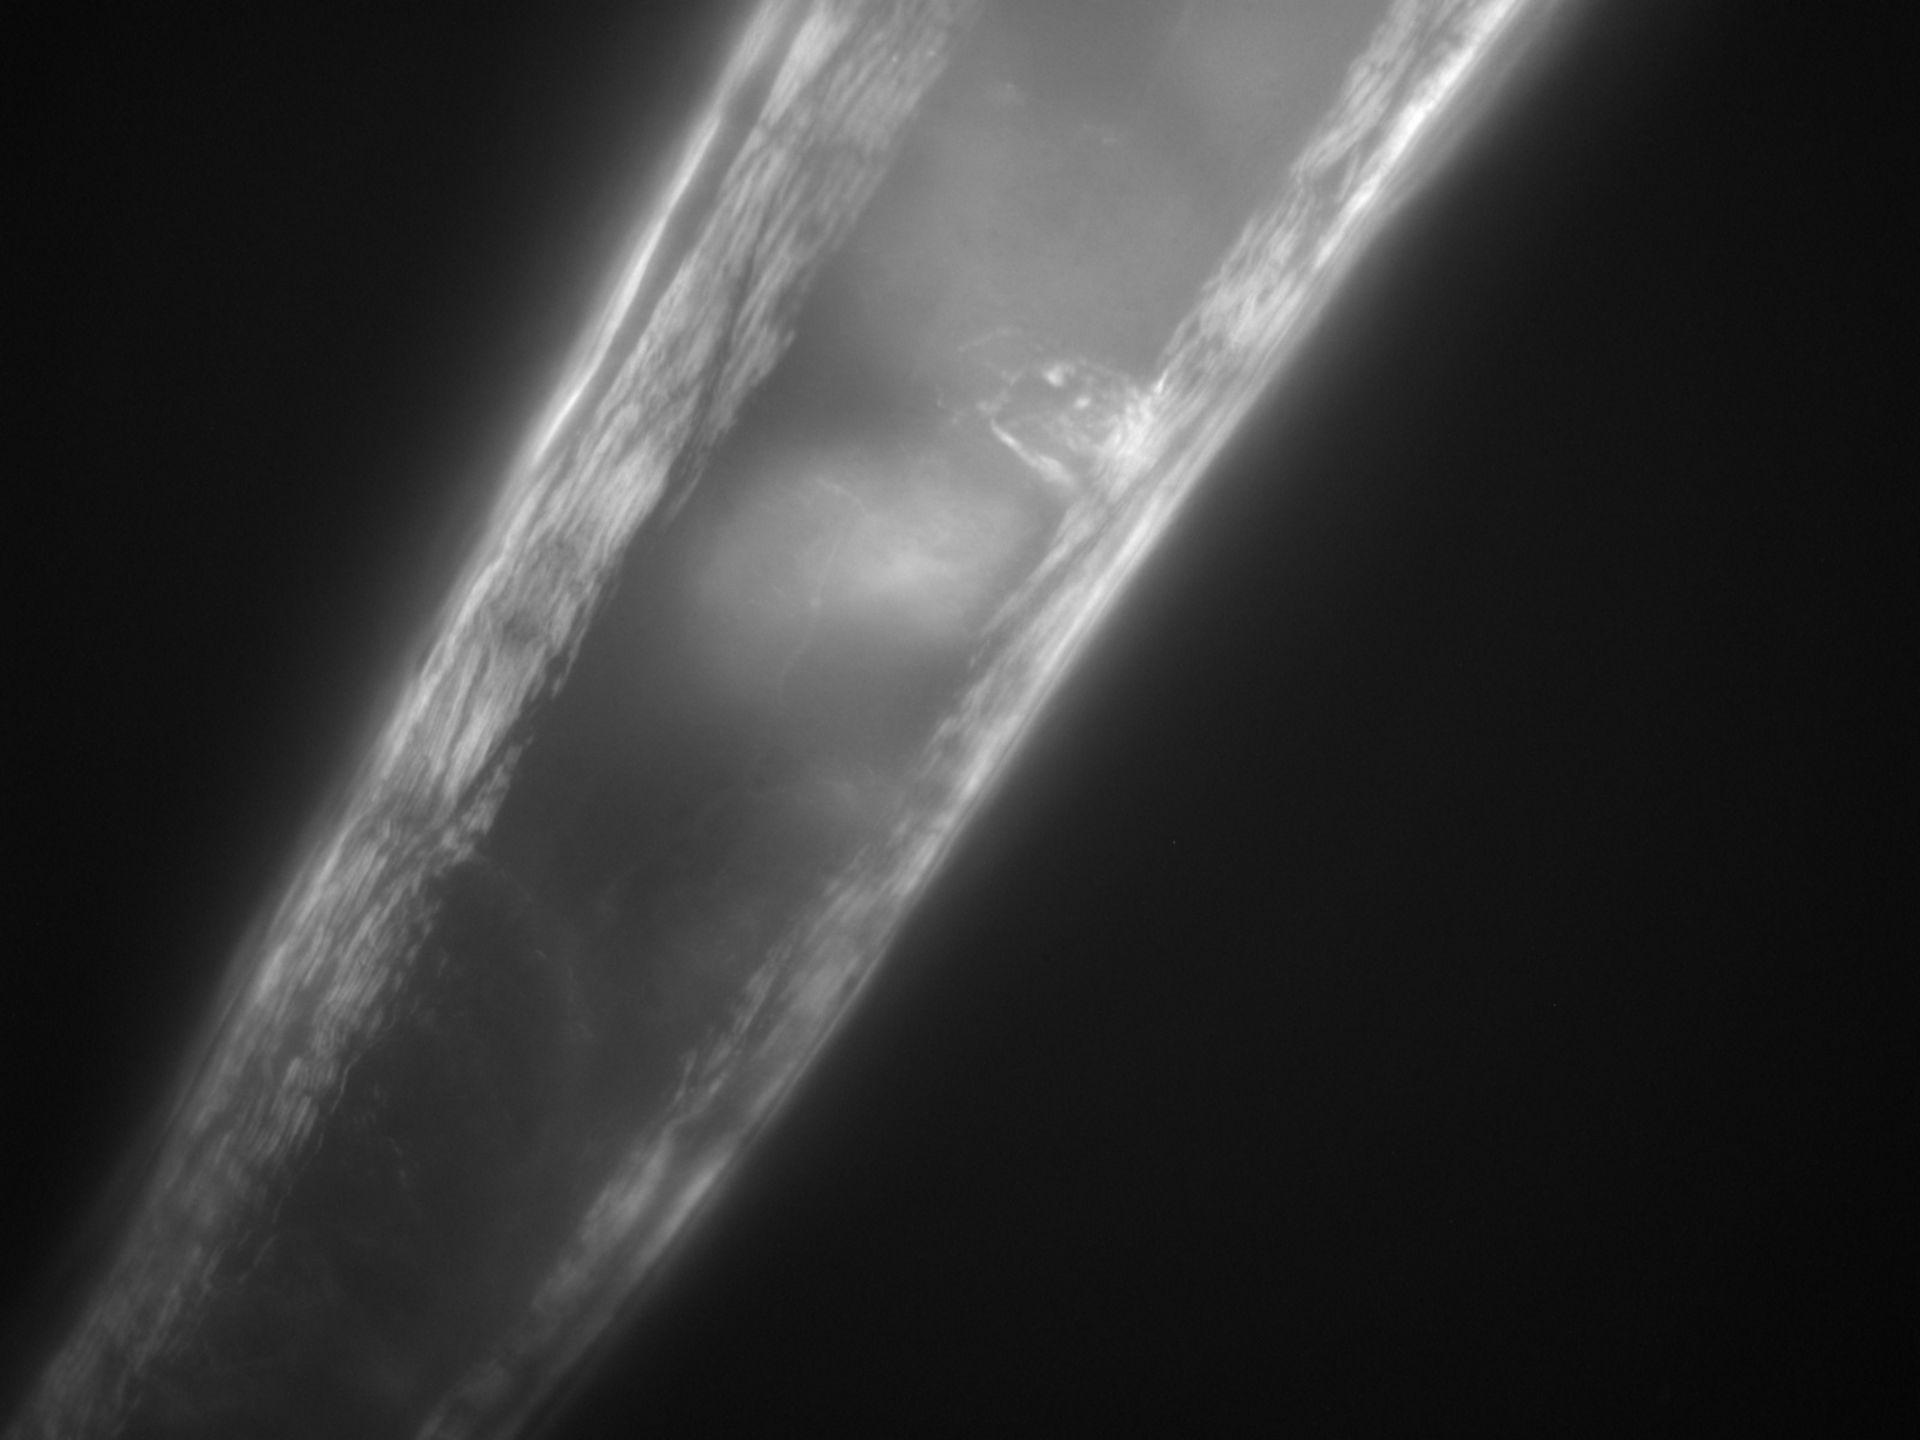 Caenorhabditis elegans (Actin filament) - CIL:1306